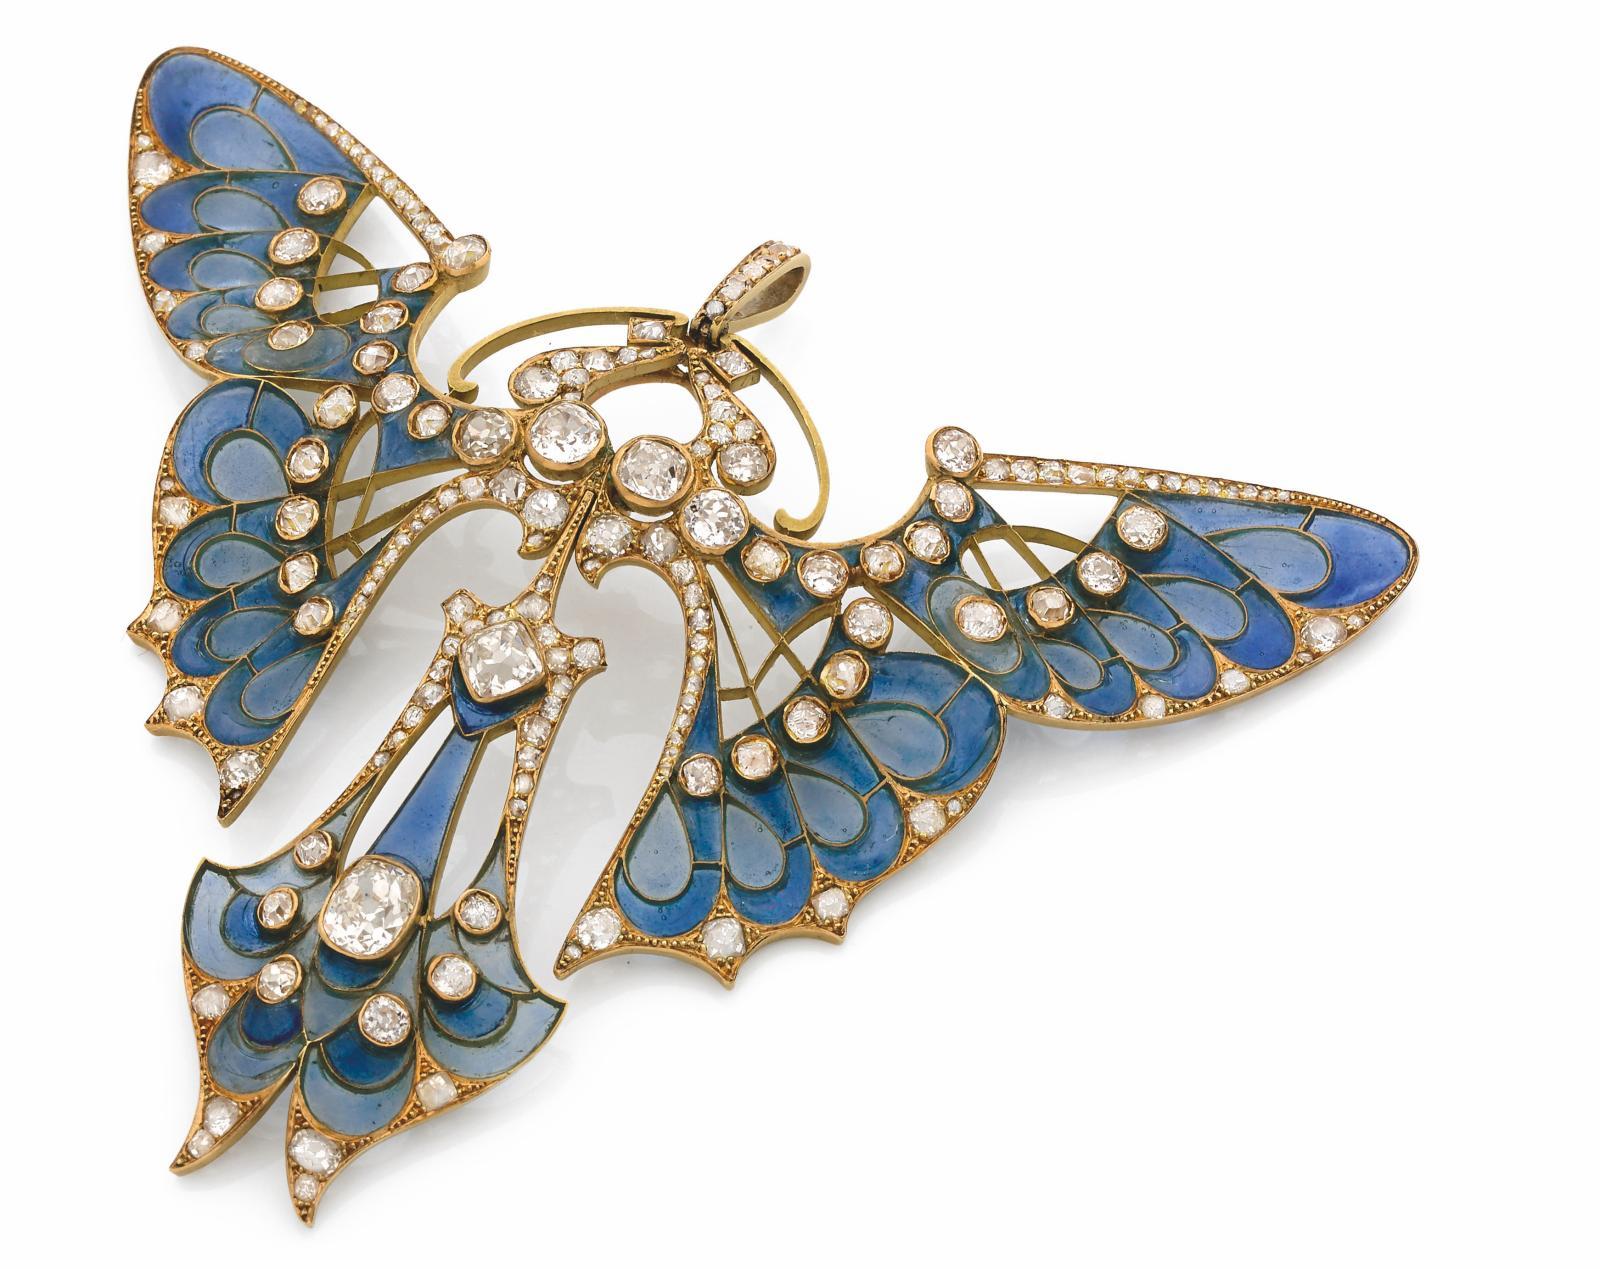 Maison Vever, 1900. Broche pendentif «Papillon», or jaune, diamants de taille ancienne, fond émaillé plique à jour bleu de deux tons, part